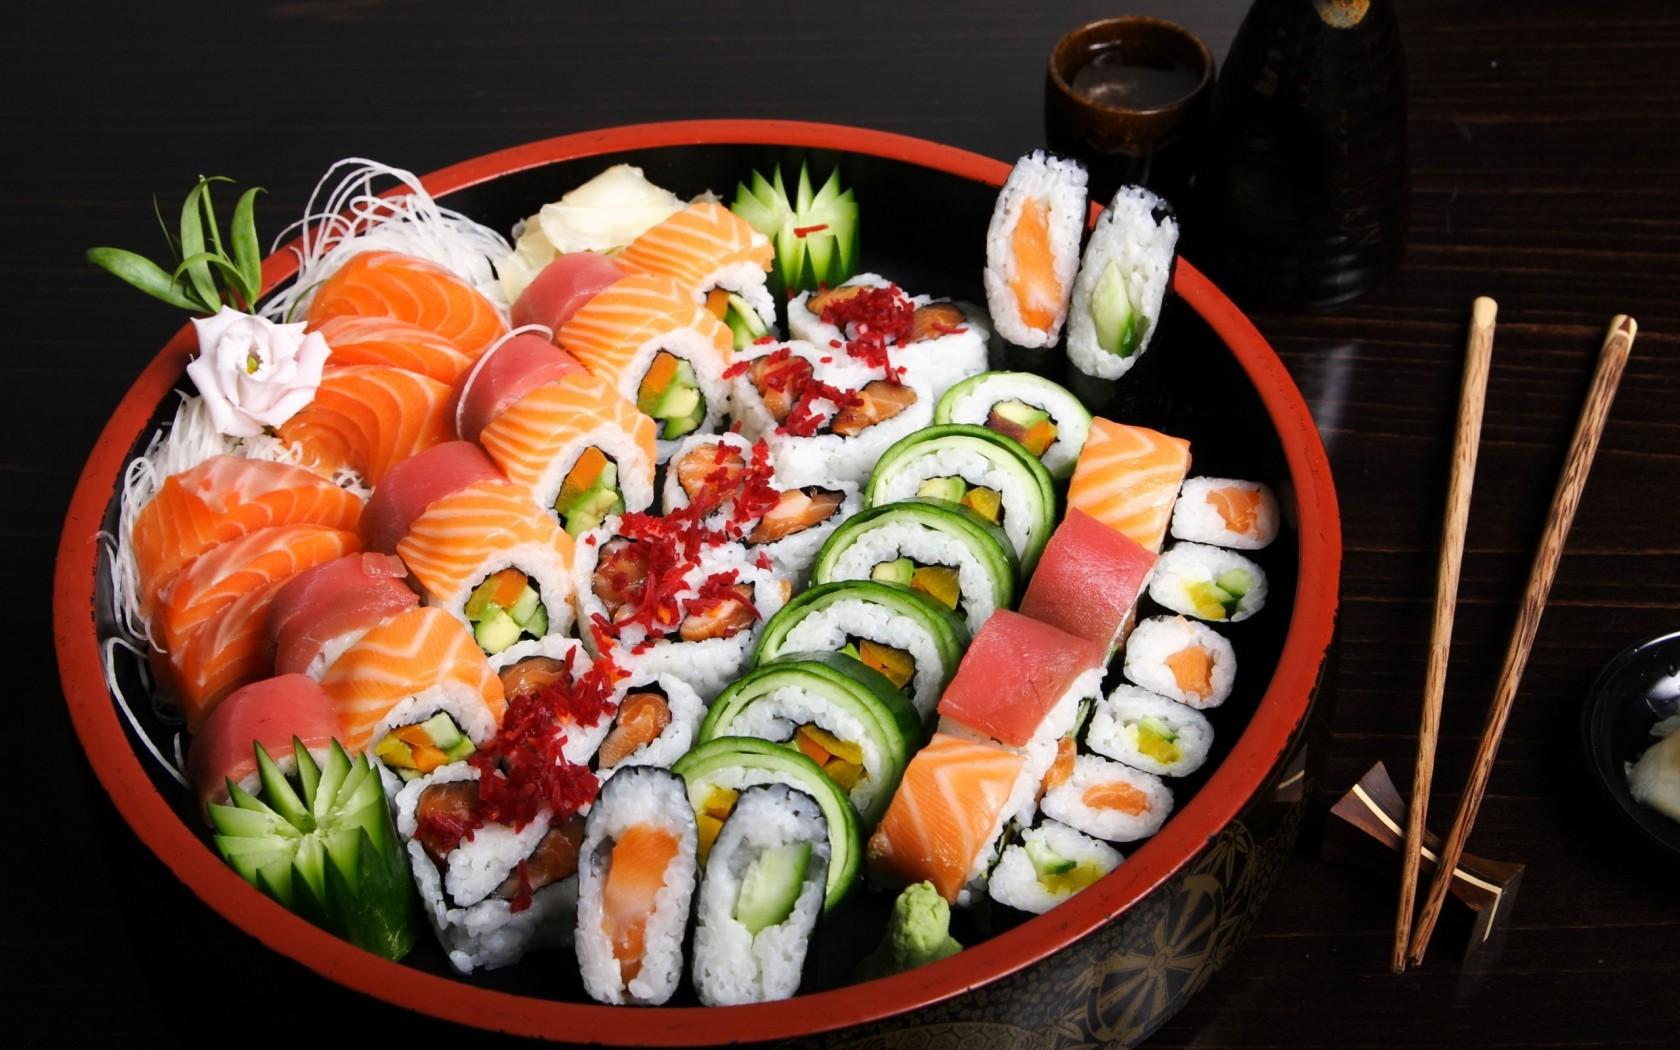 ซูชิ หรือ ข้าวปั้น เป็นอาหารของชนชาติญี่ปุ่น ซึ่งมักจะหมายถึงอาหารที่มีส่วนประกอบของ  ซูชิเมะชิ หรือ ข้าวที่ผสมกับน้ำส้มสายชู และมีหน้าแบบต่างๆ ทั้งอาหารทะเล ...